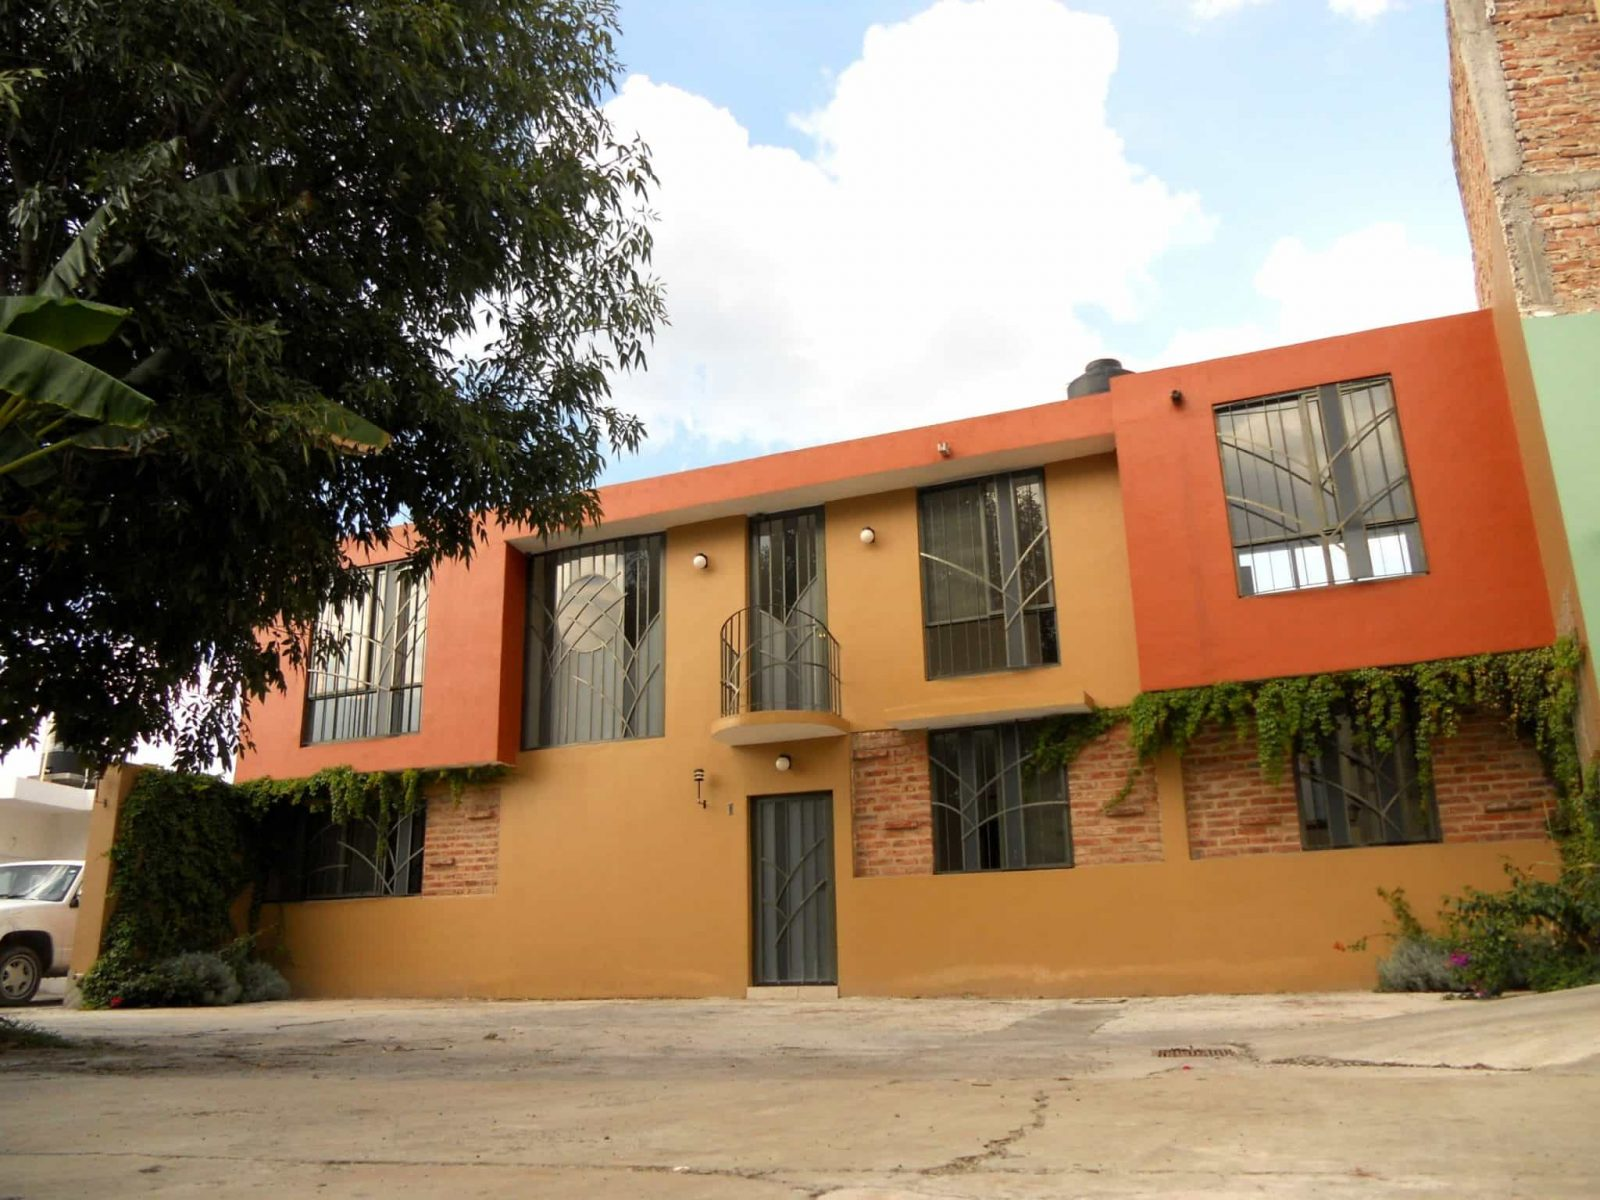 Casa amplia en pequeño condominio.